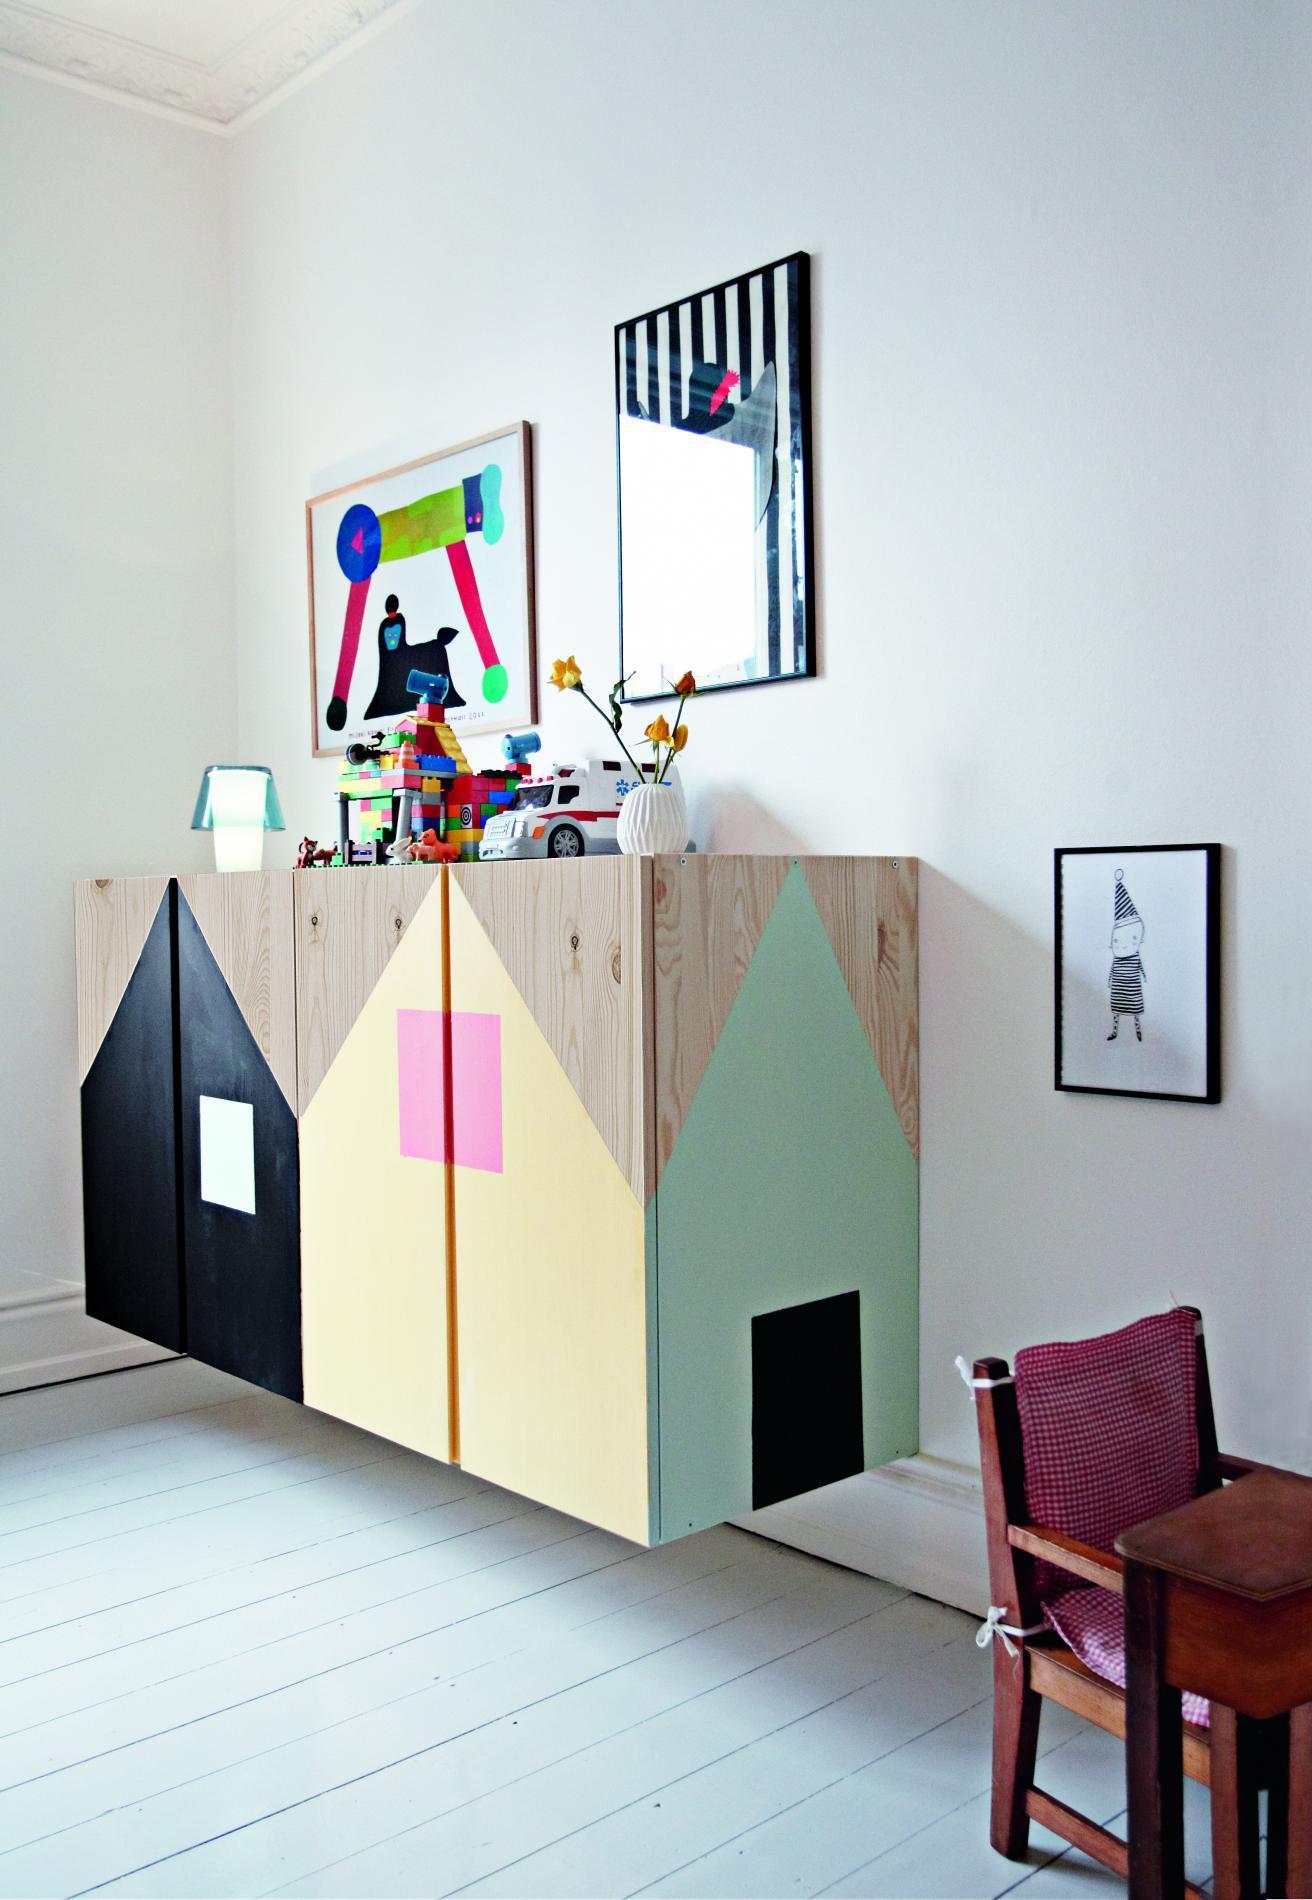 Panneau En Liège Ikea ikea hacks : comment donner une deuxième jeunesse à vos